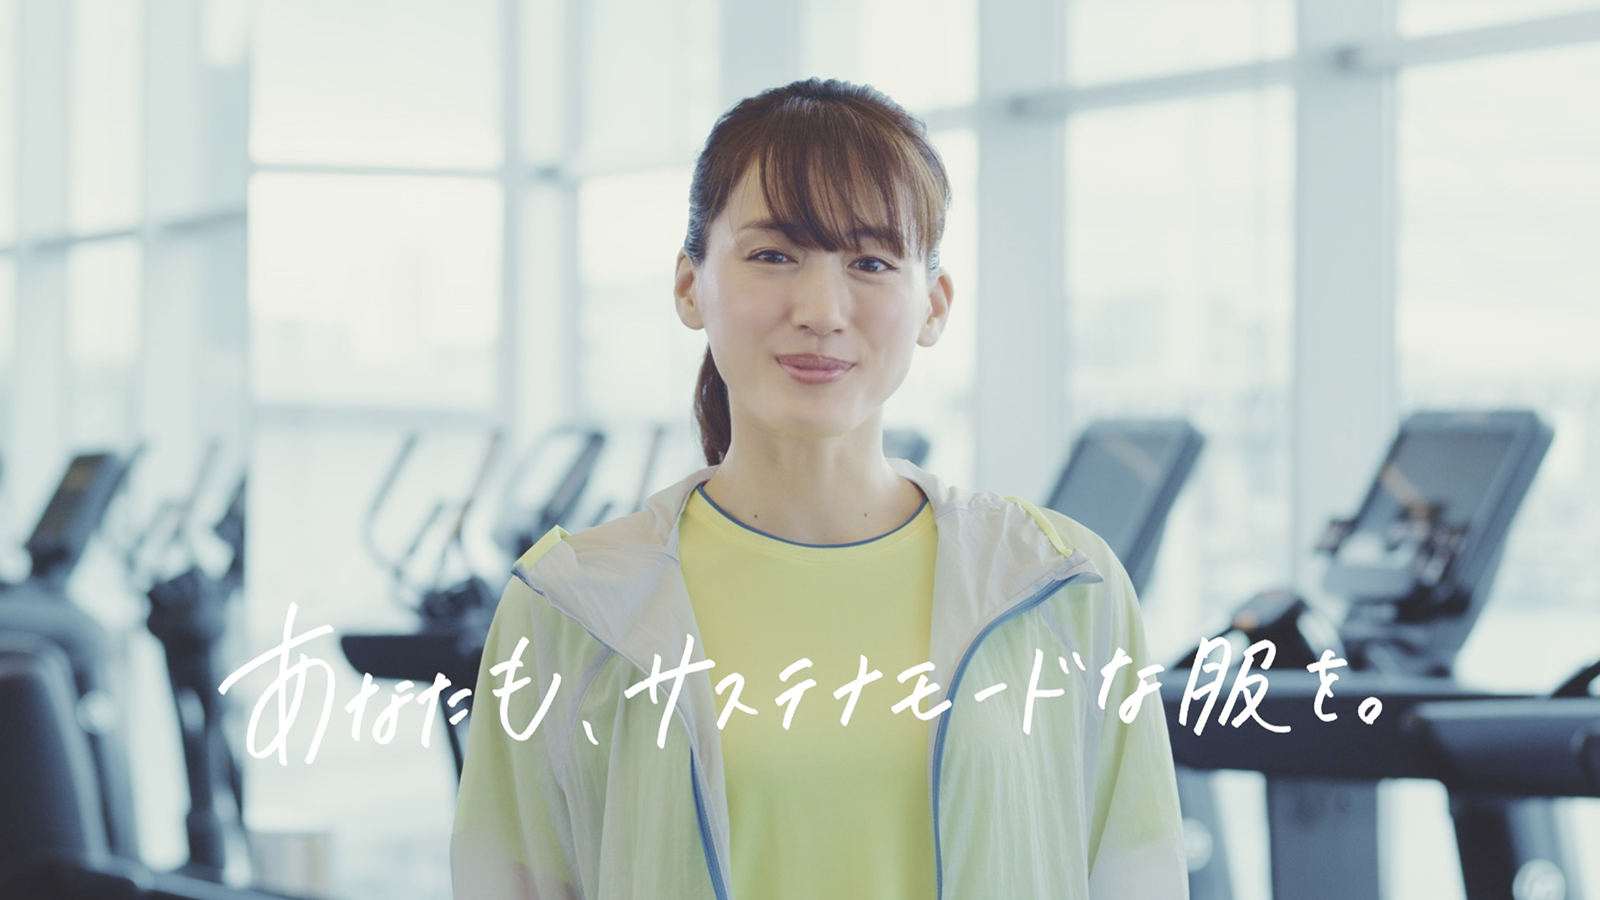 ユニクロ/THE POWER OF CLOTHING<br>綾瀬はるかのサステナモードVol.1